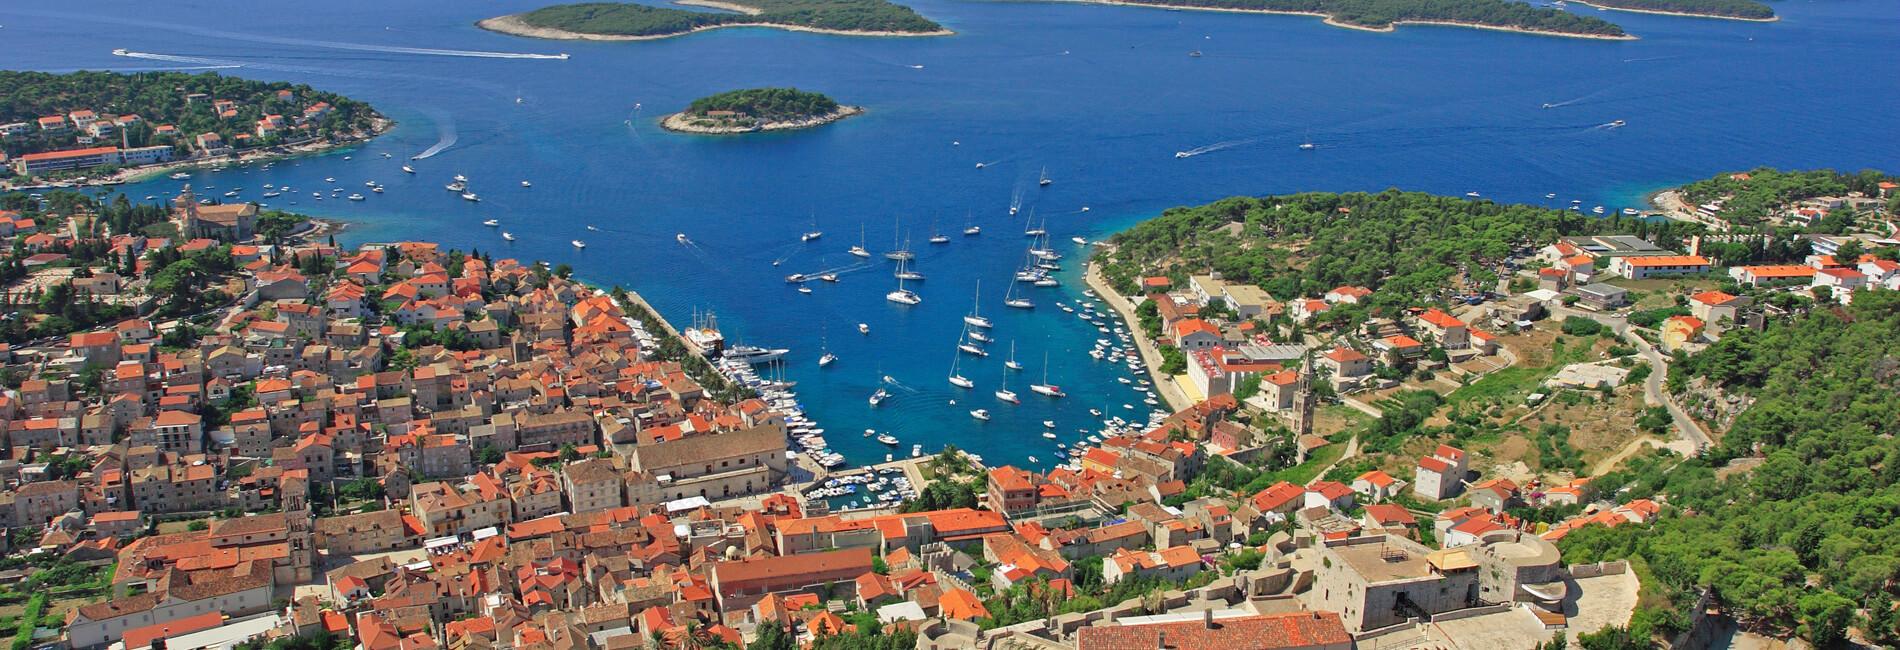 Otok Hvar | Adria Camps